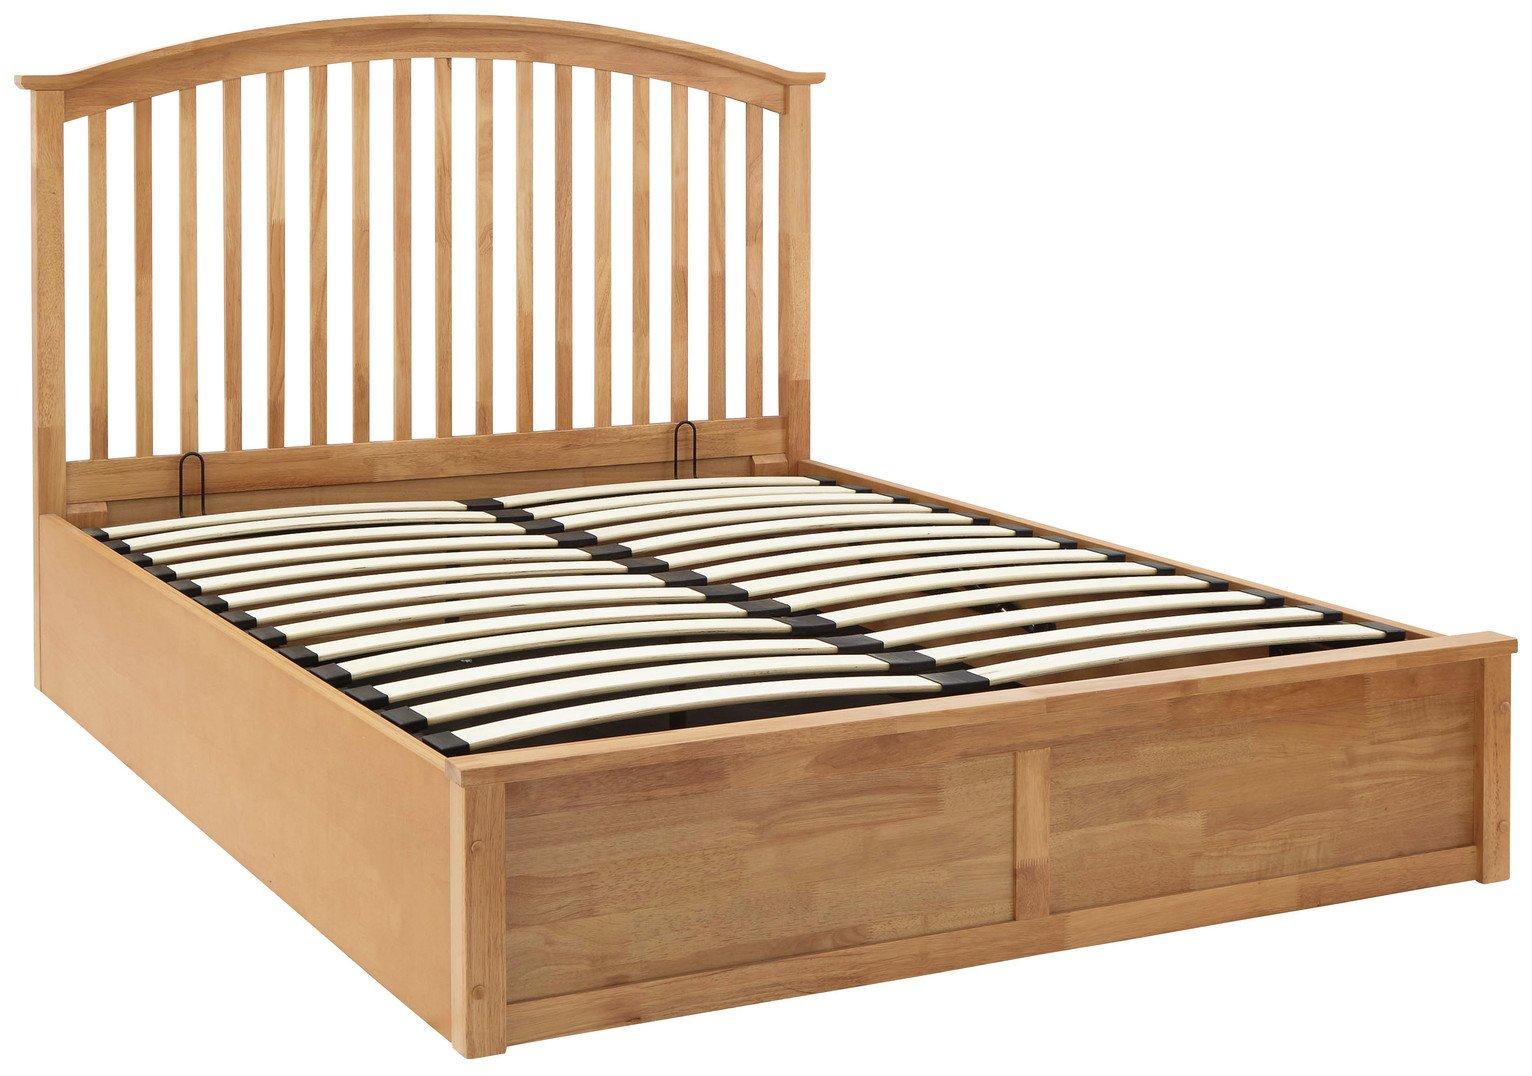 GFW Madrid Oak Effect Ottoman Kingsize Bed Frame